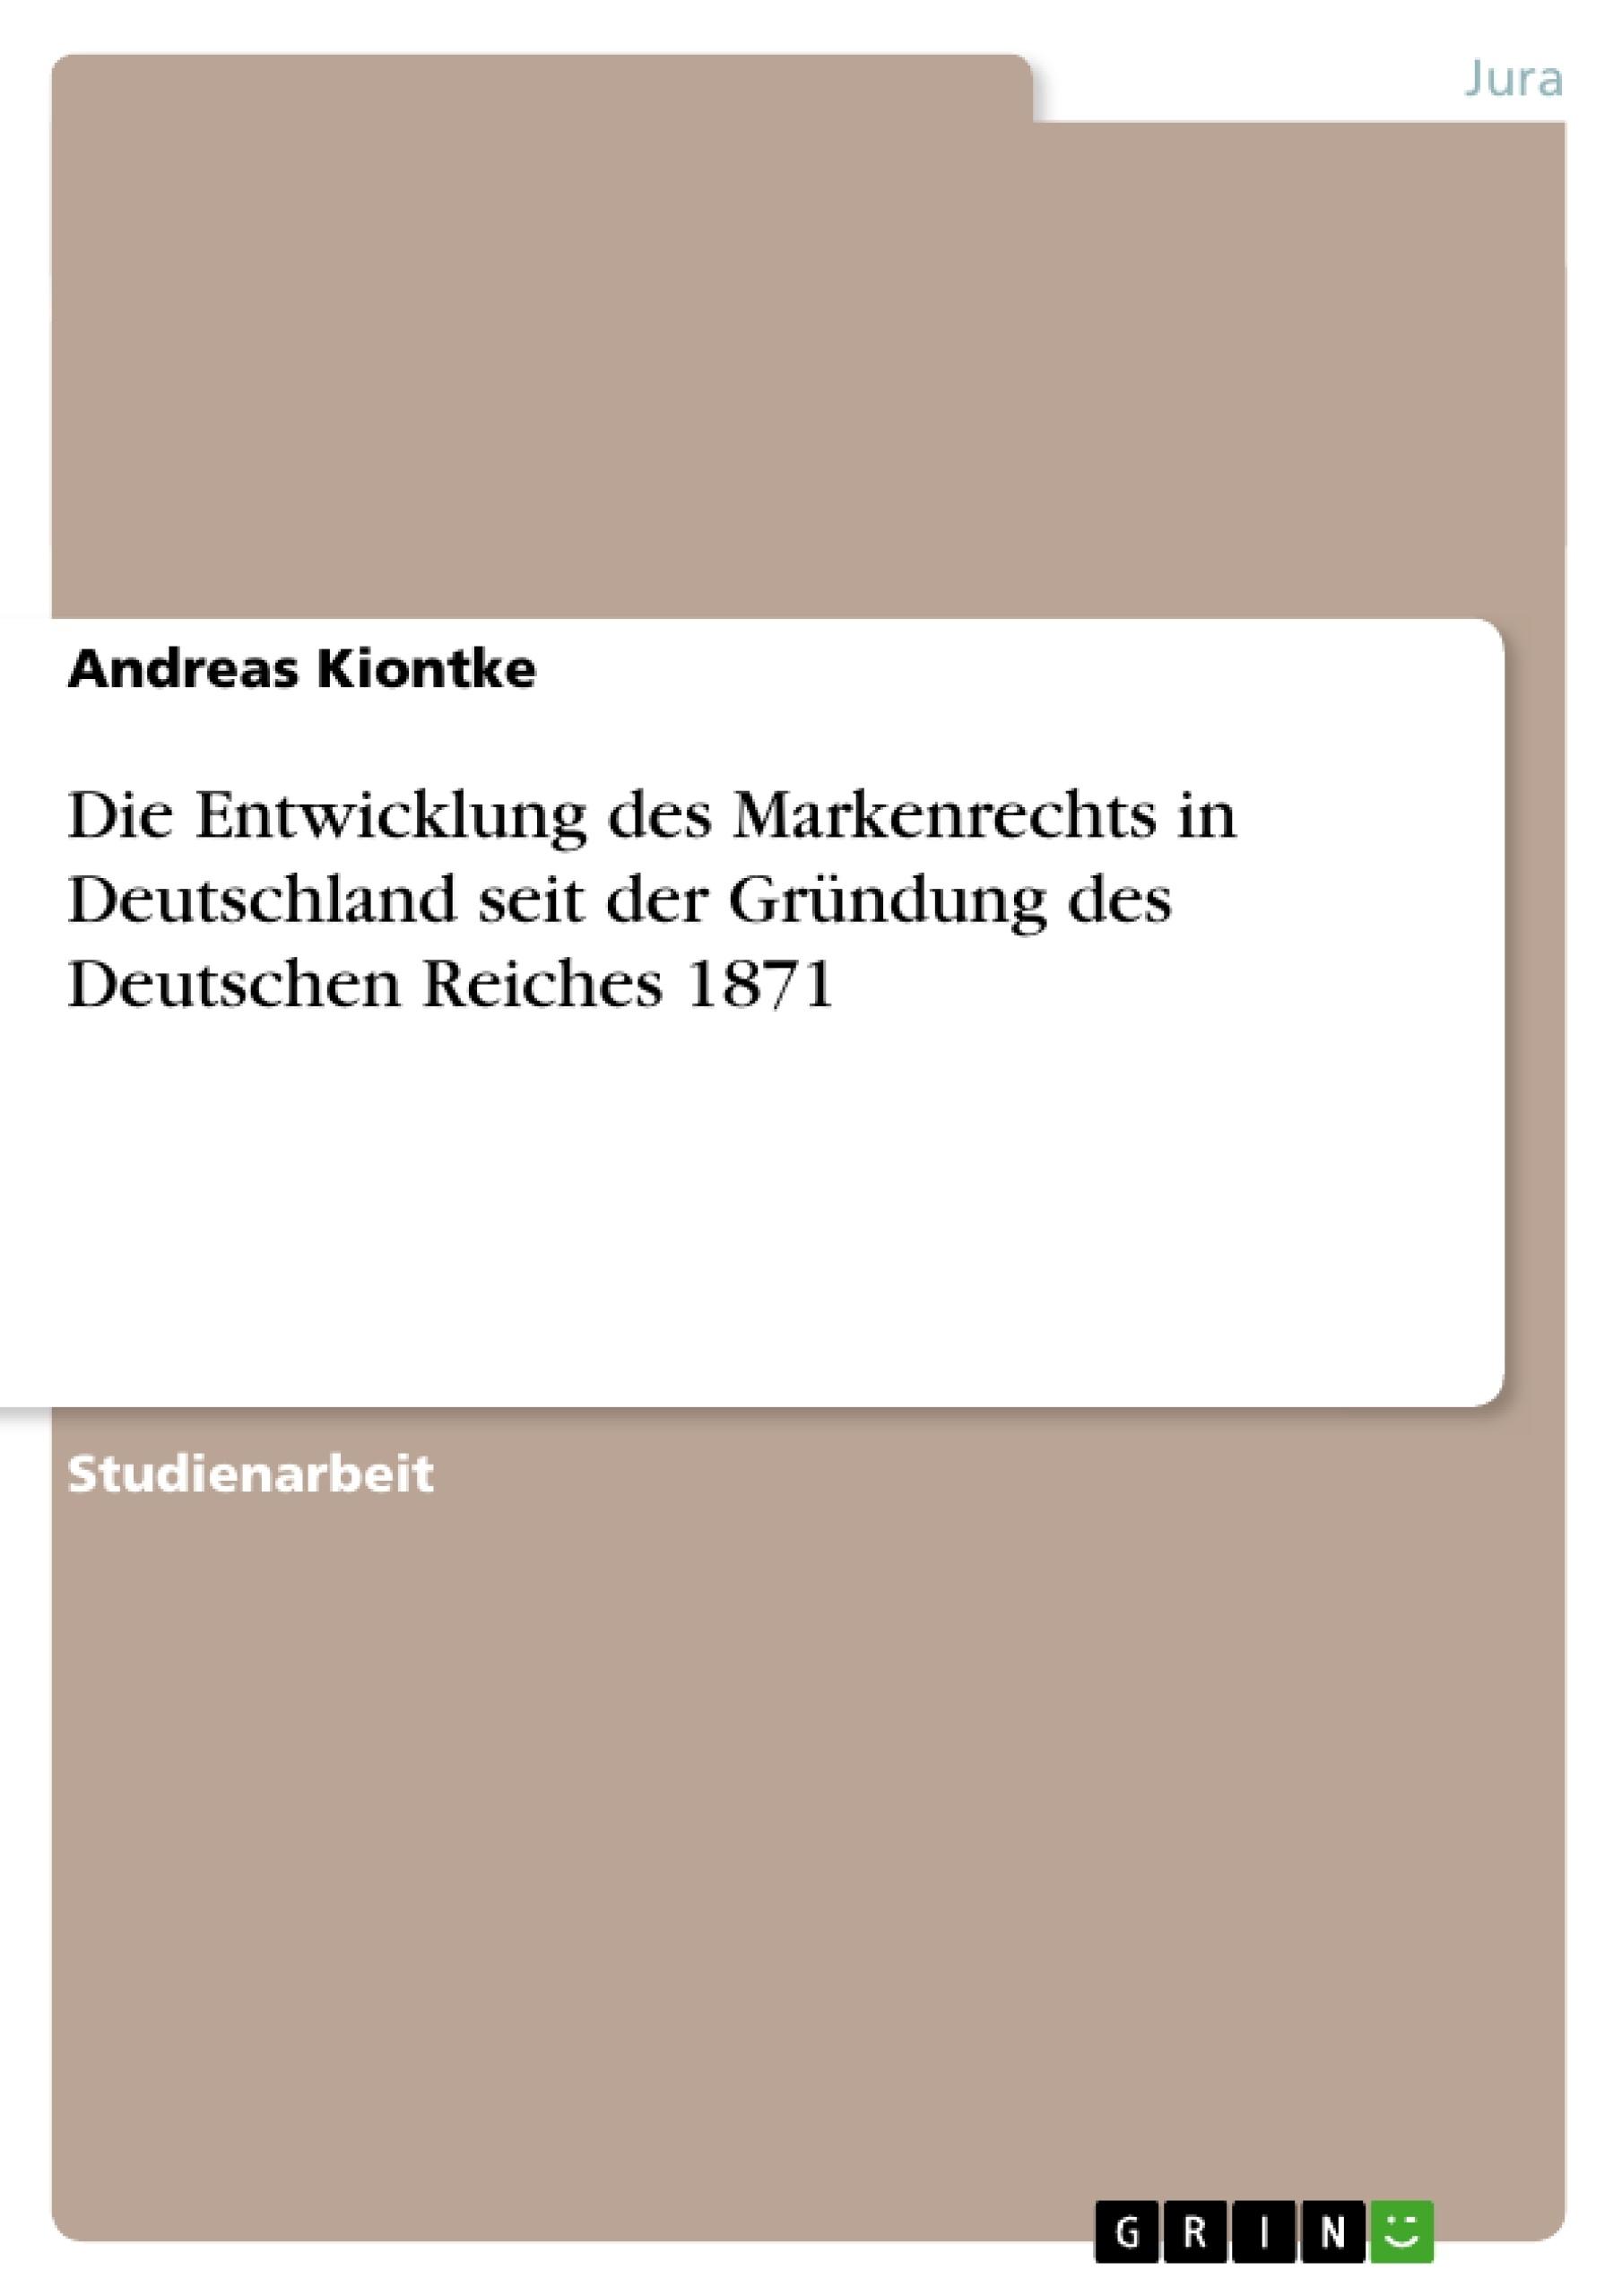 Titel: Die Entwicklung des Markenrechts in Deutschland seit der Gründung des Deutschen Reiches 1871